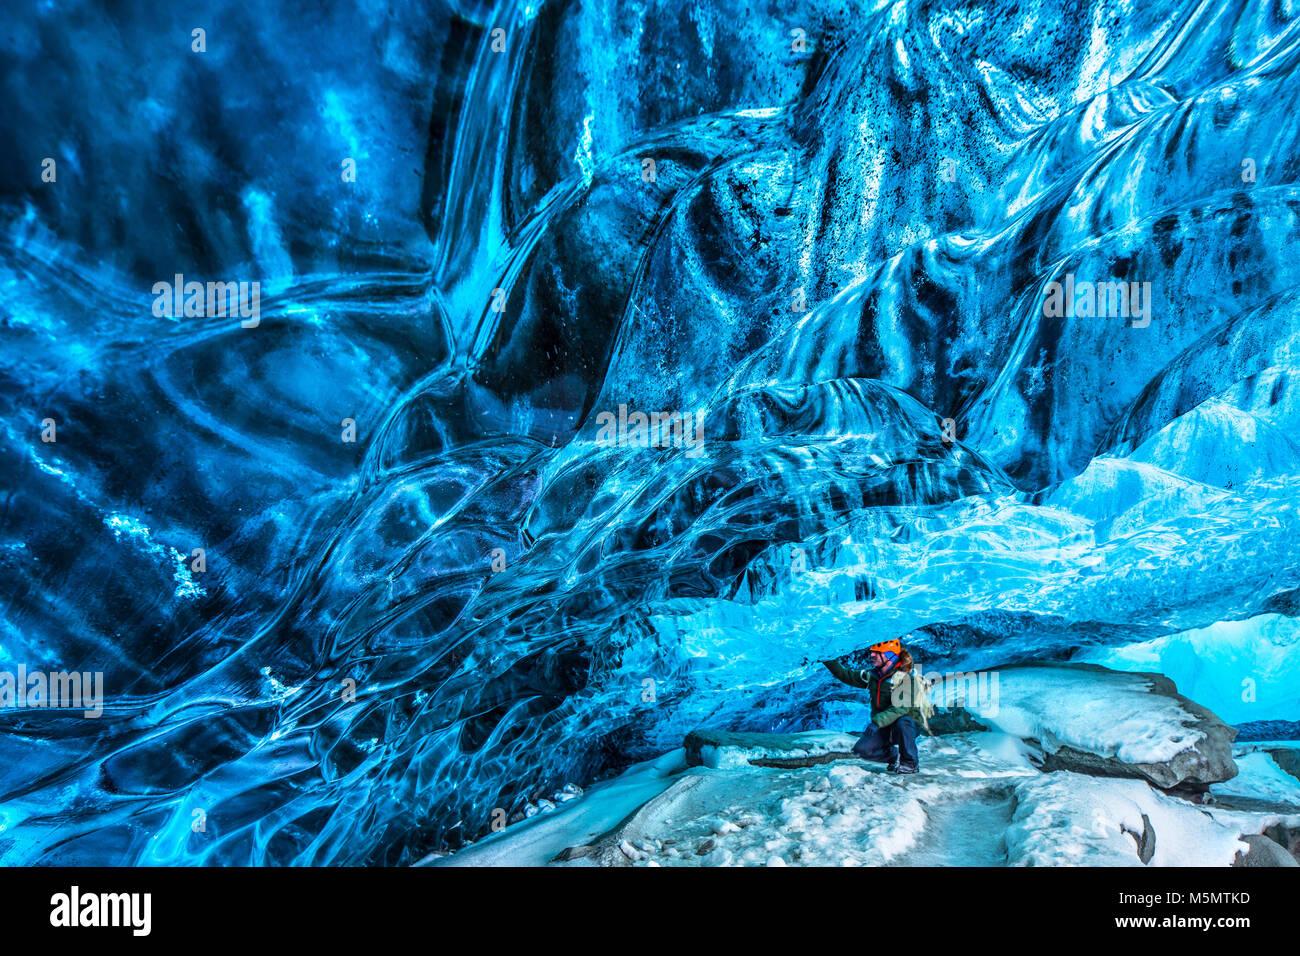 Die touristische Entdeckung der Eishöhle, aktiven Reisenden Menschen genießen die Schönheit einer Stockbild